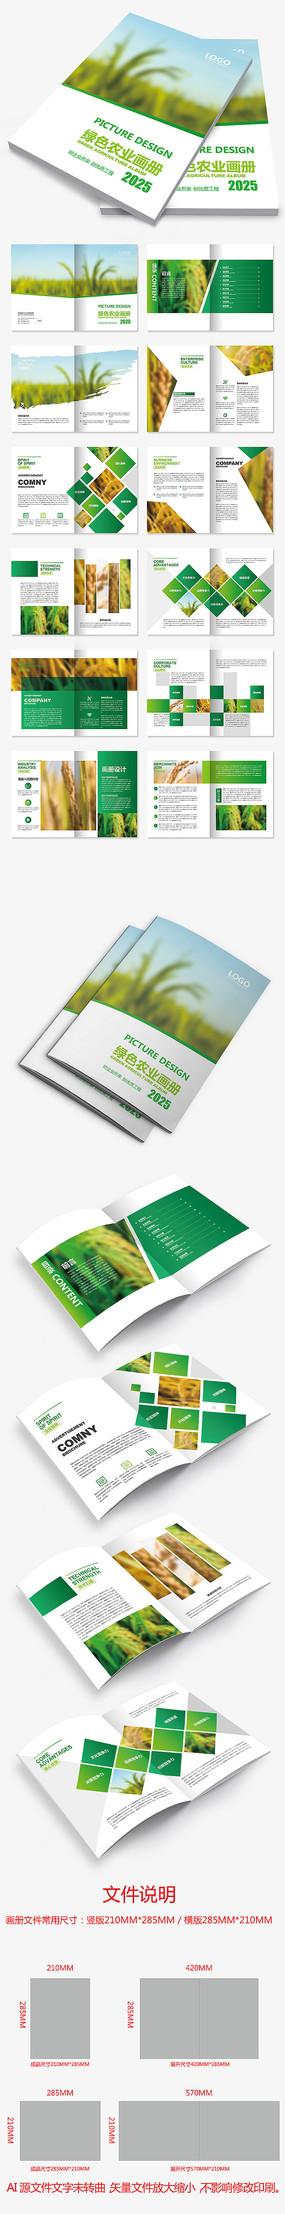 绿色农业农产品健康环保画册设计模板